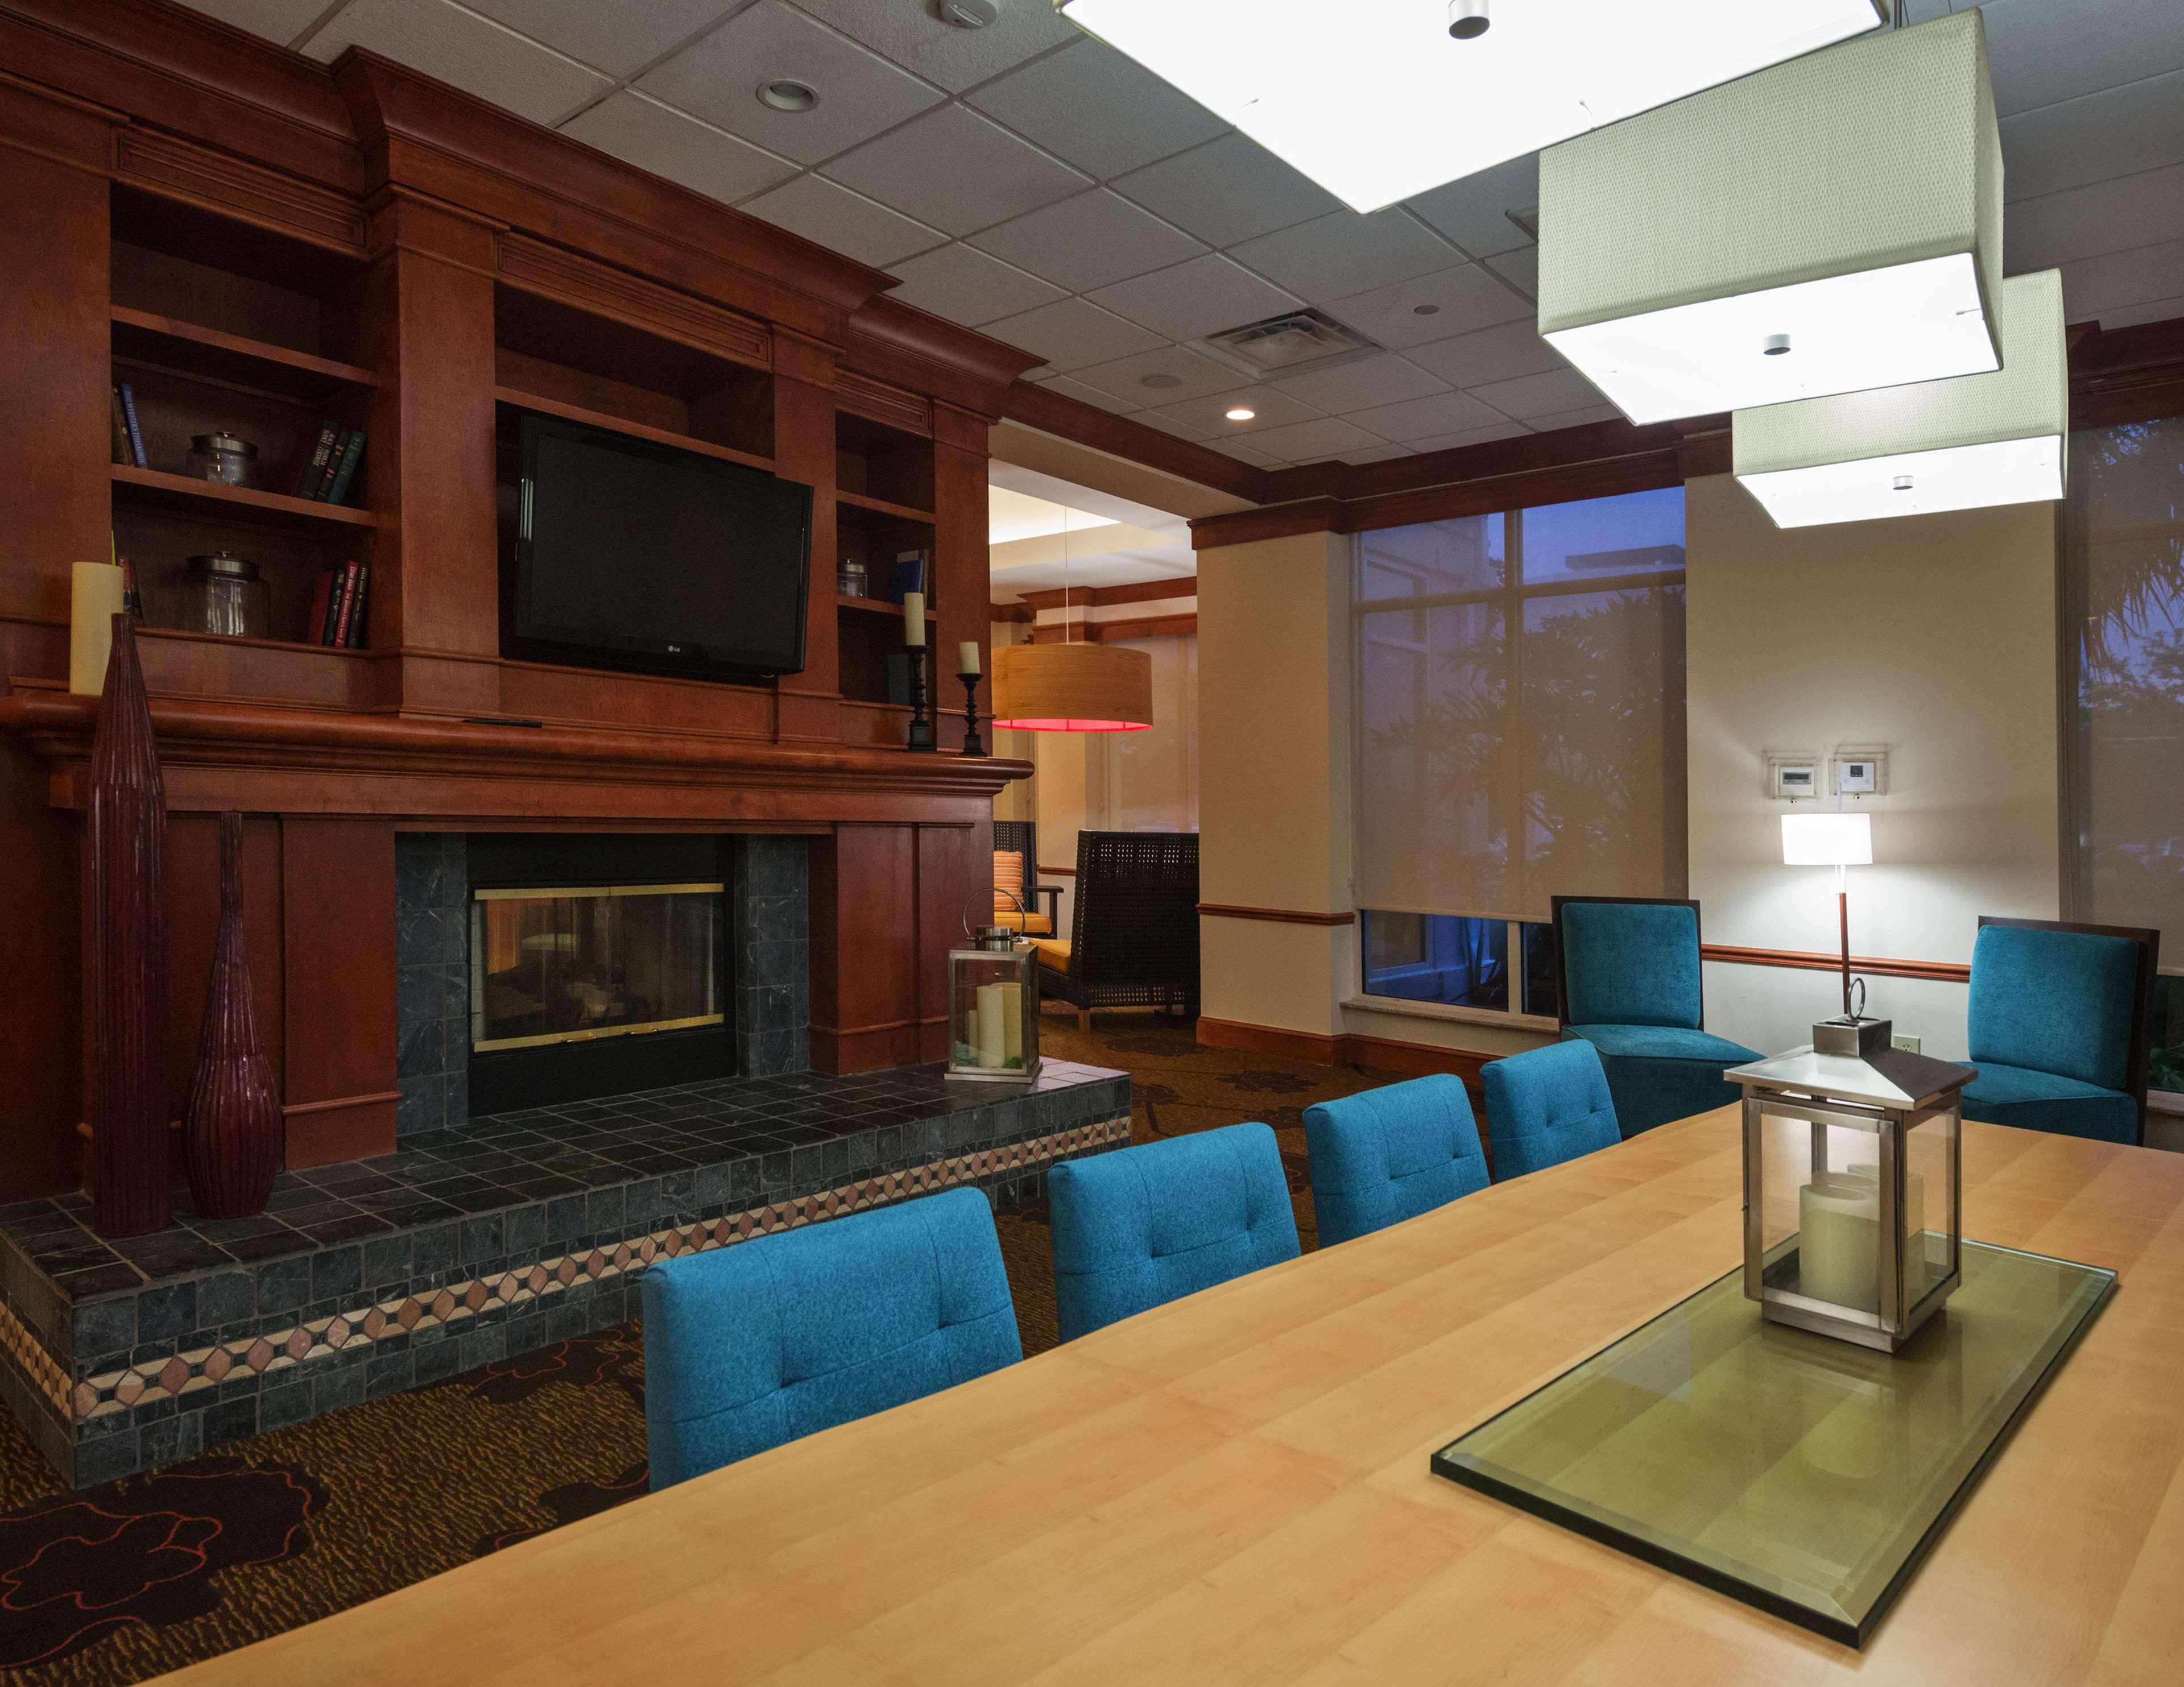 Hilton Garden Inn Lafayette/Cajundome image 5